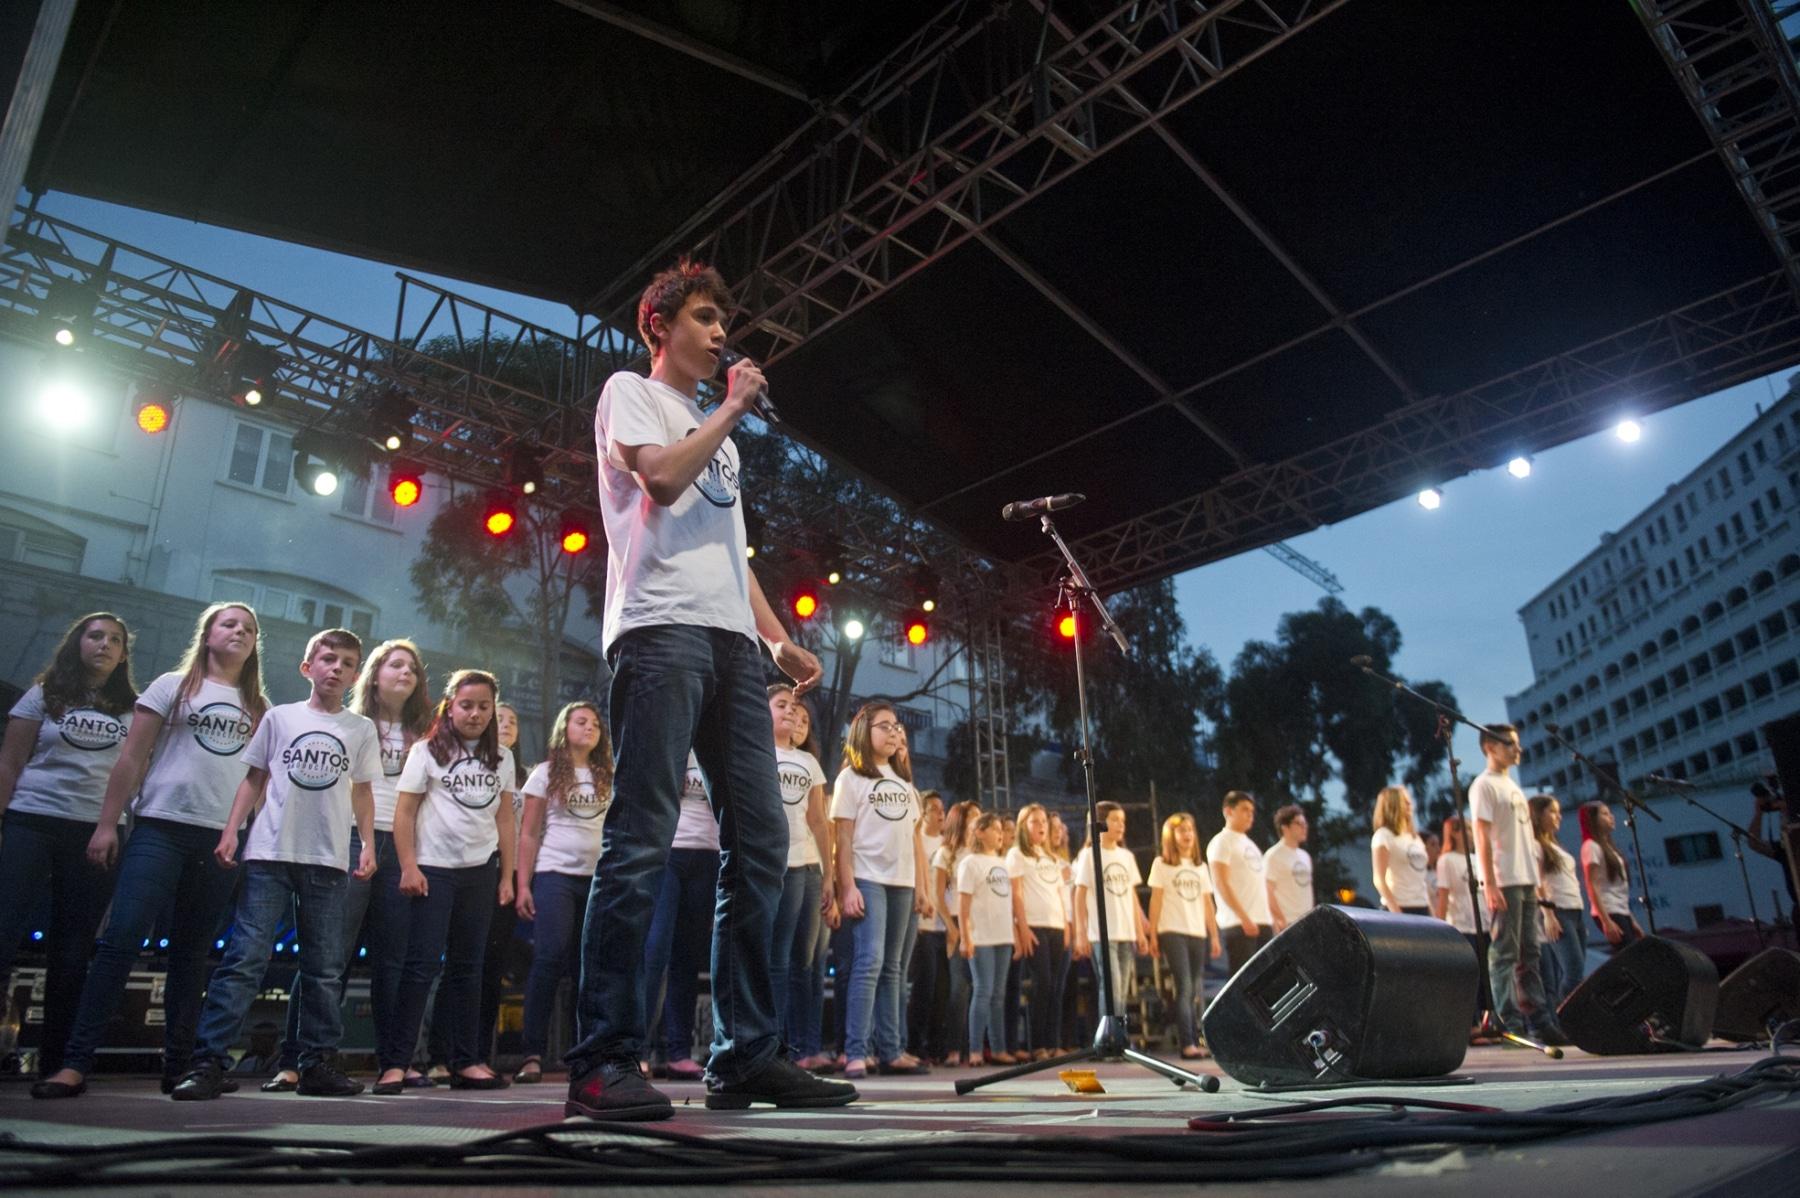 fiesta-del-1-de-mayo-en-gibraltar-01052015-35_17364165991_o